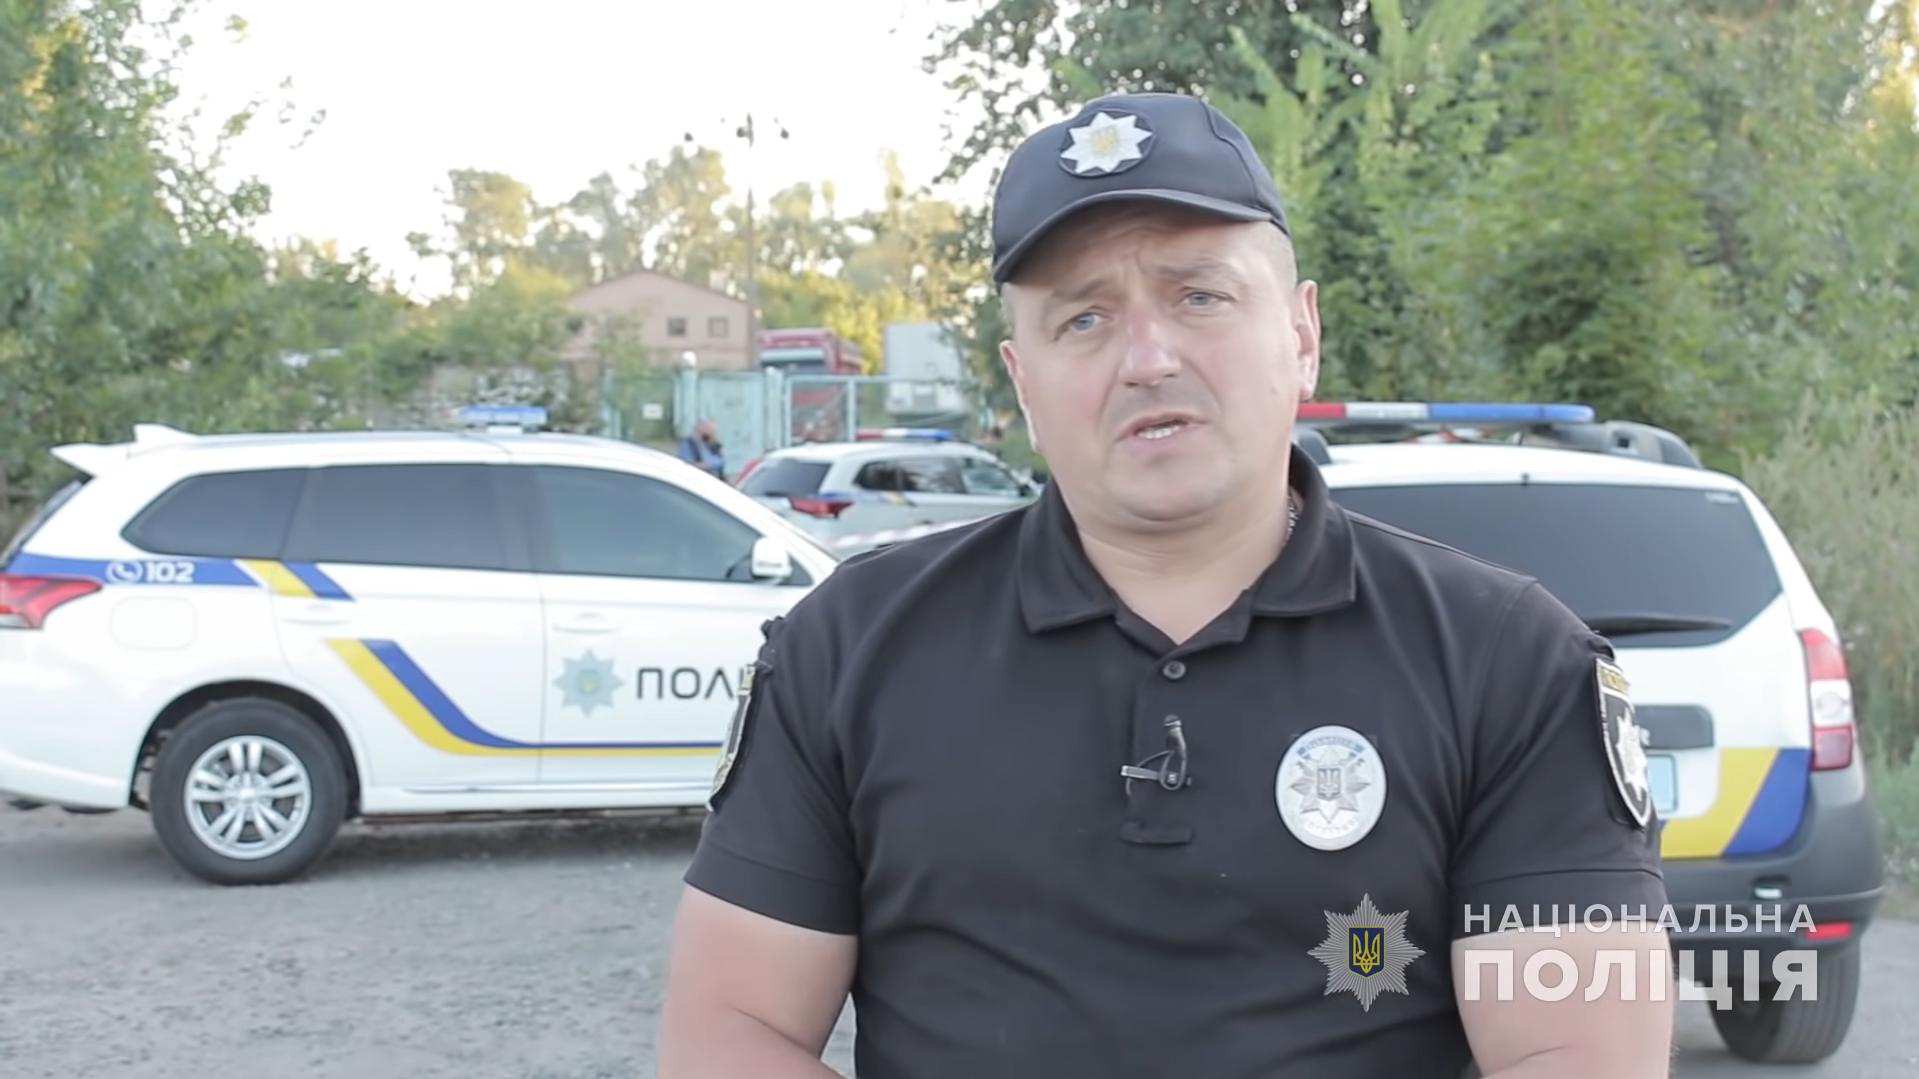 Полицейский Петр Гума, которому угрожал гранатой Скрипник